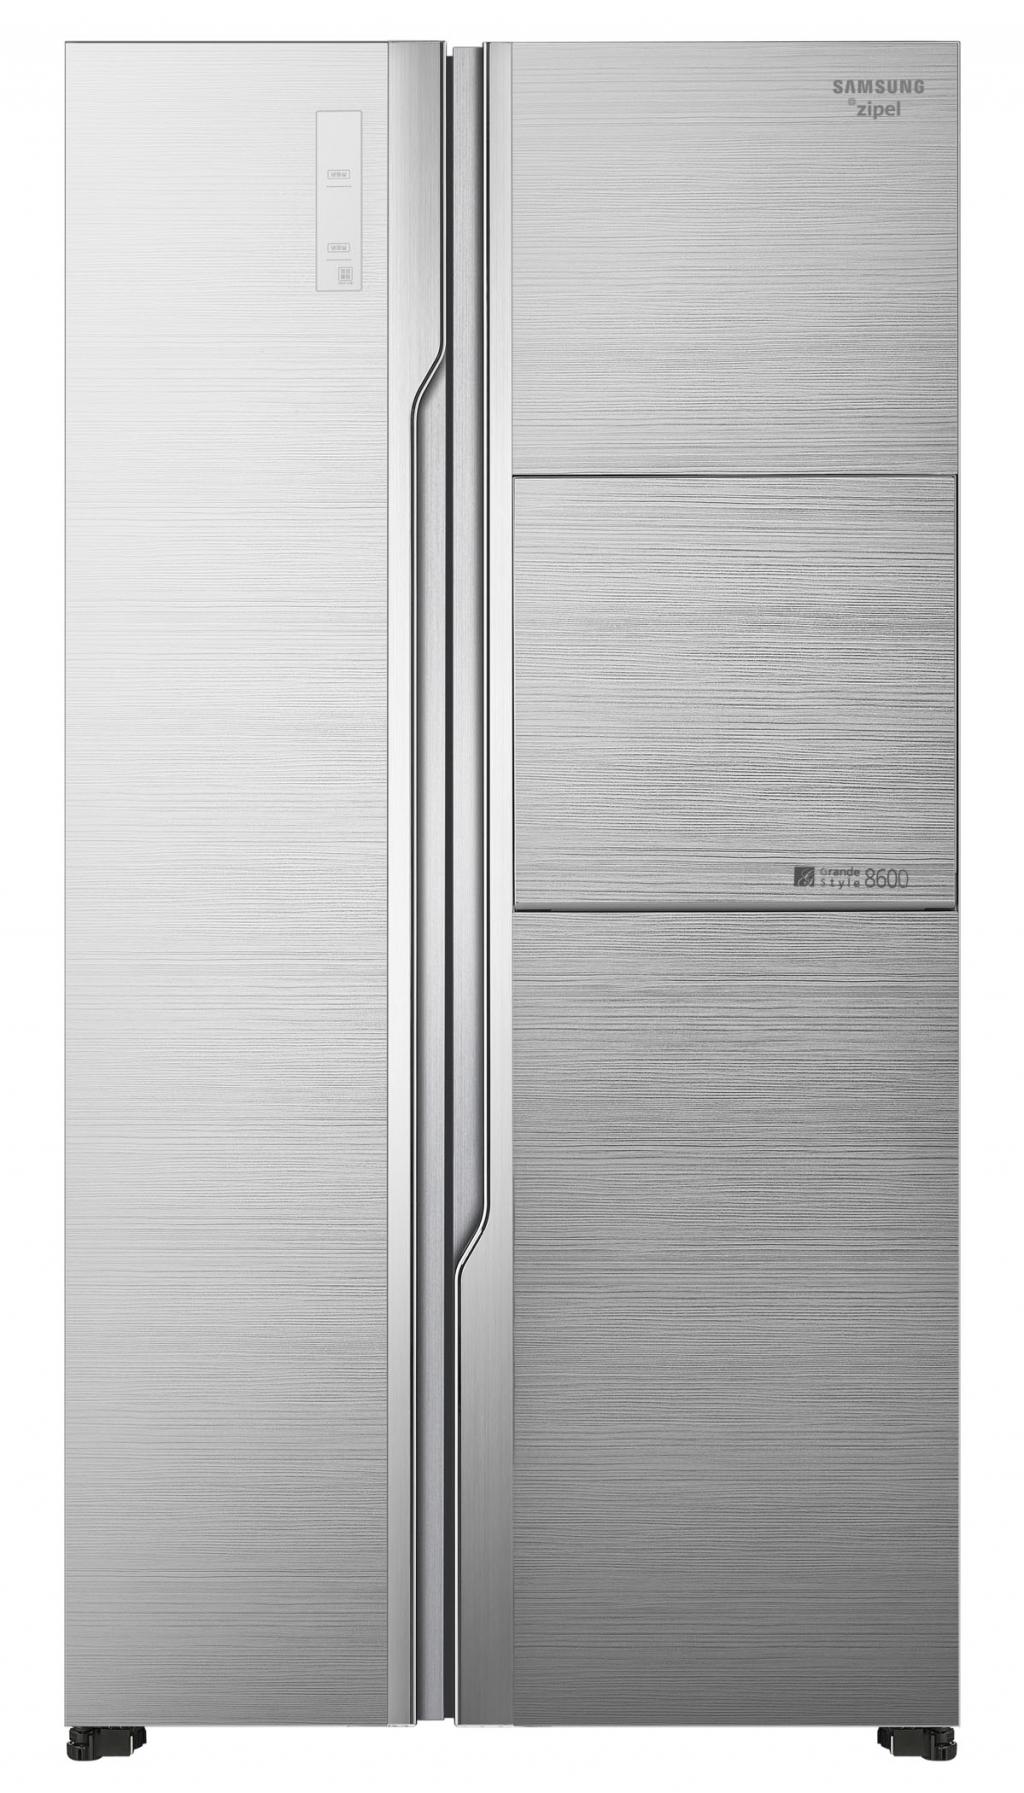 Samsung Releases Two Door Refrigerator Zipel Grande Style 8600